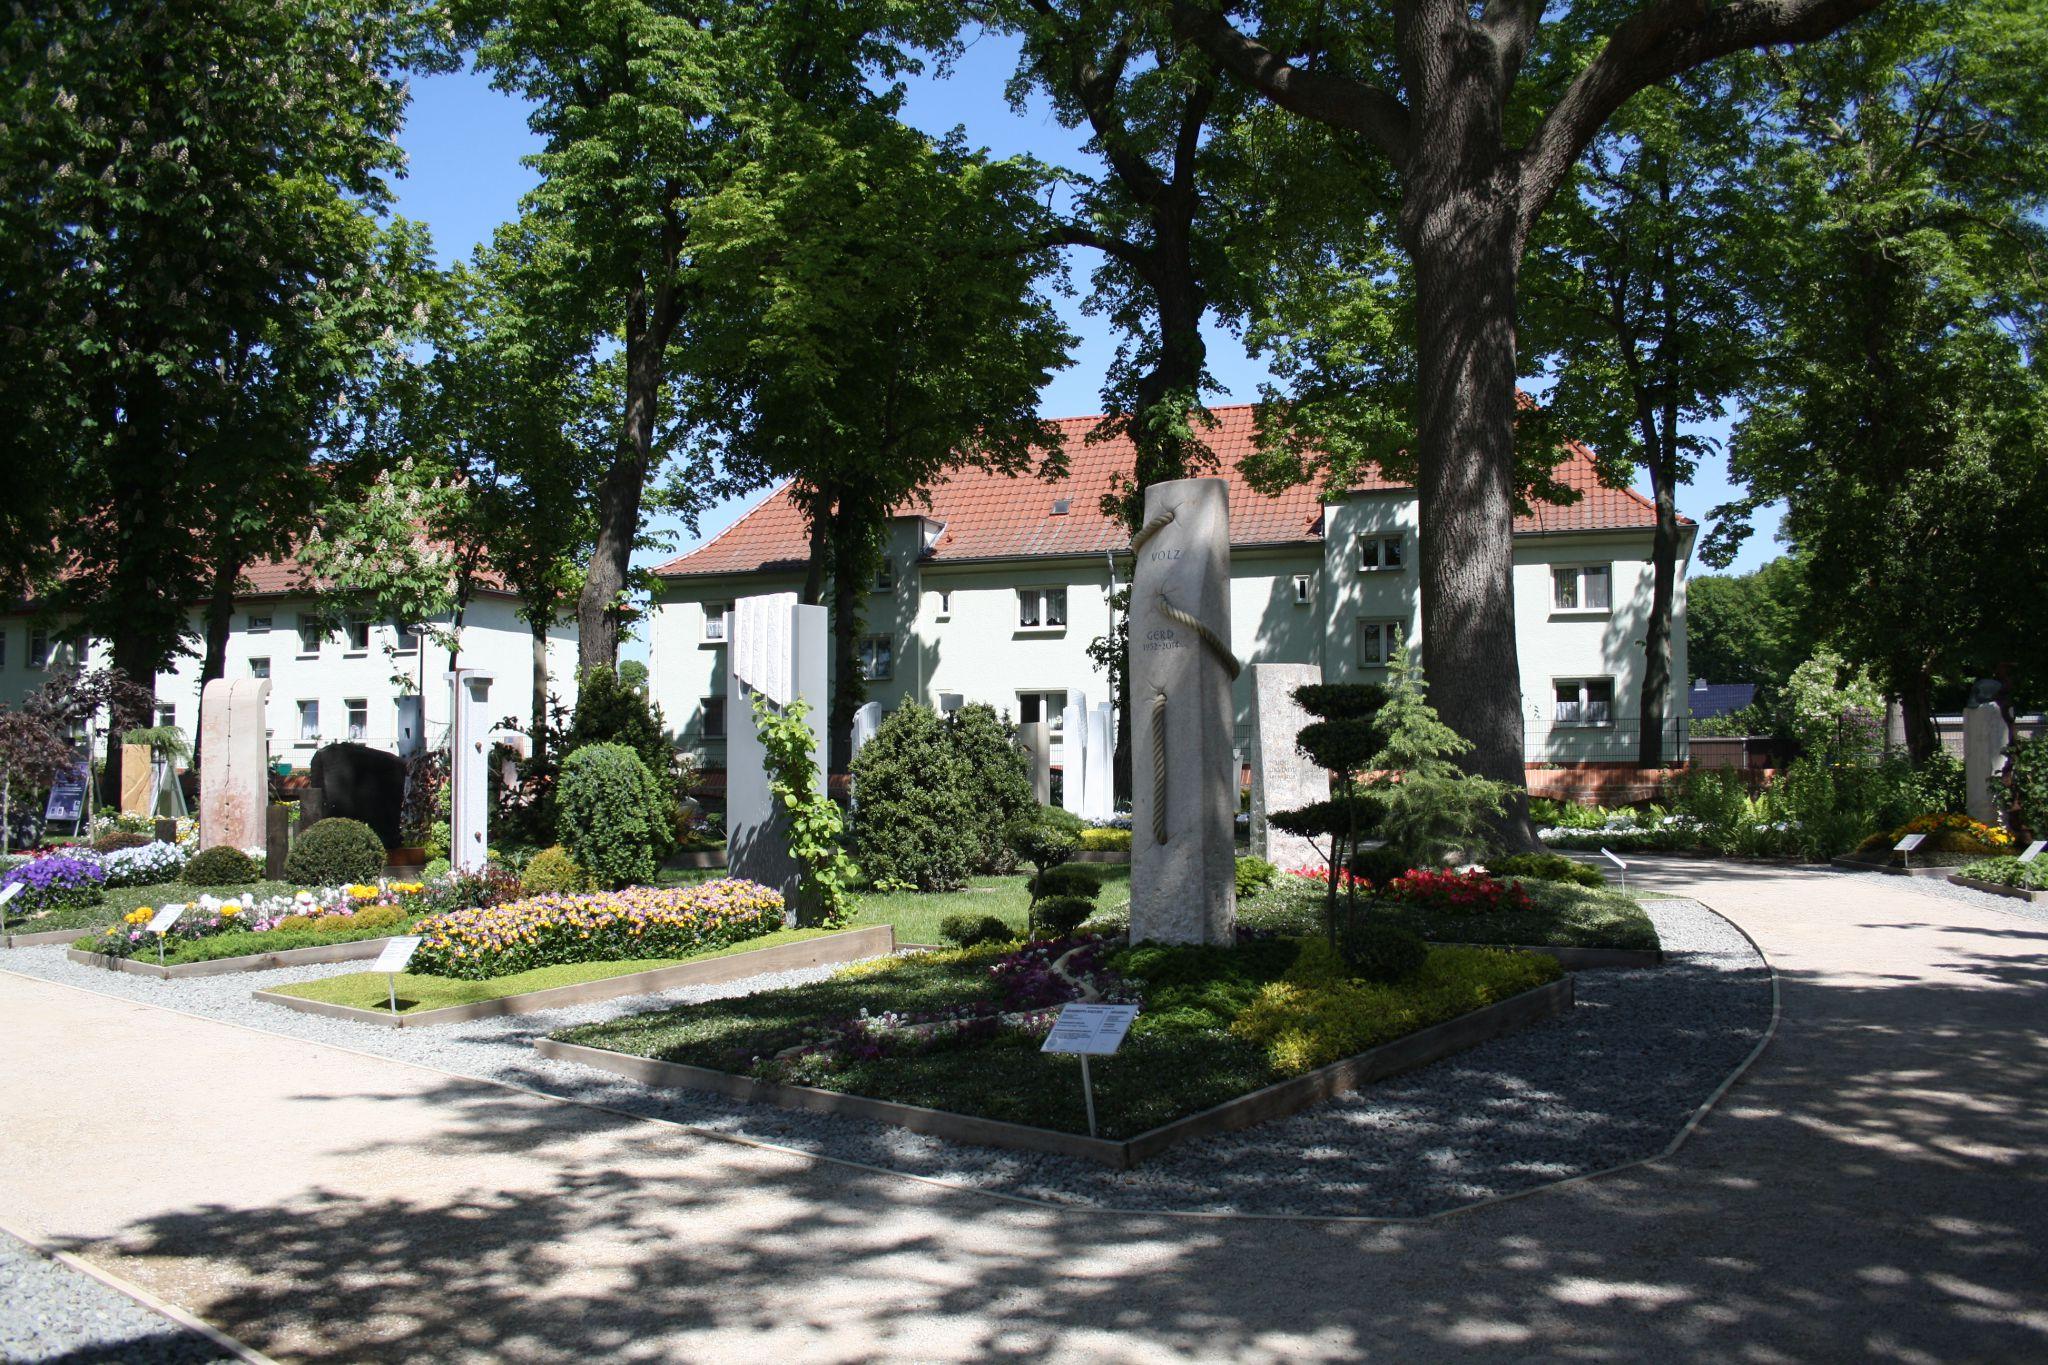 Bundesgartenschau 2015 Havelregion (10)